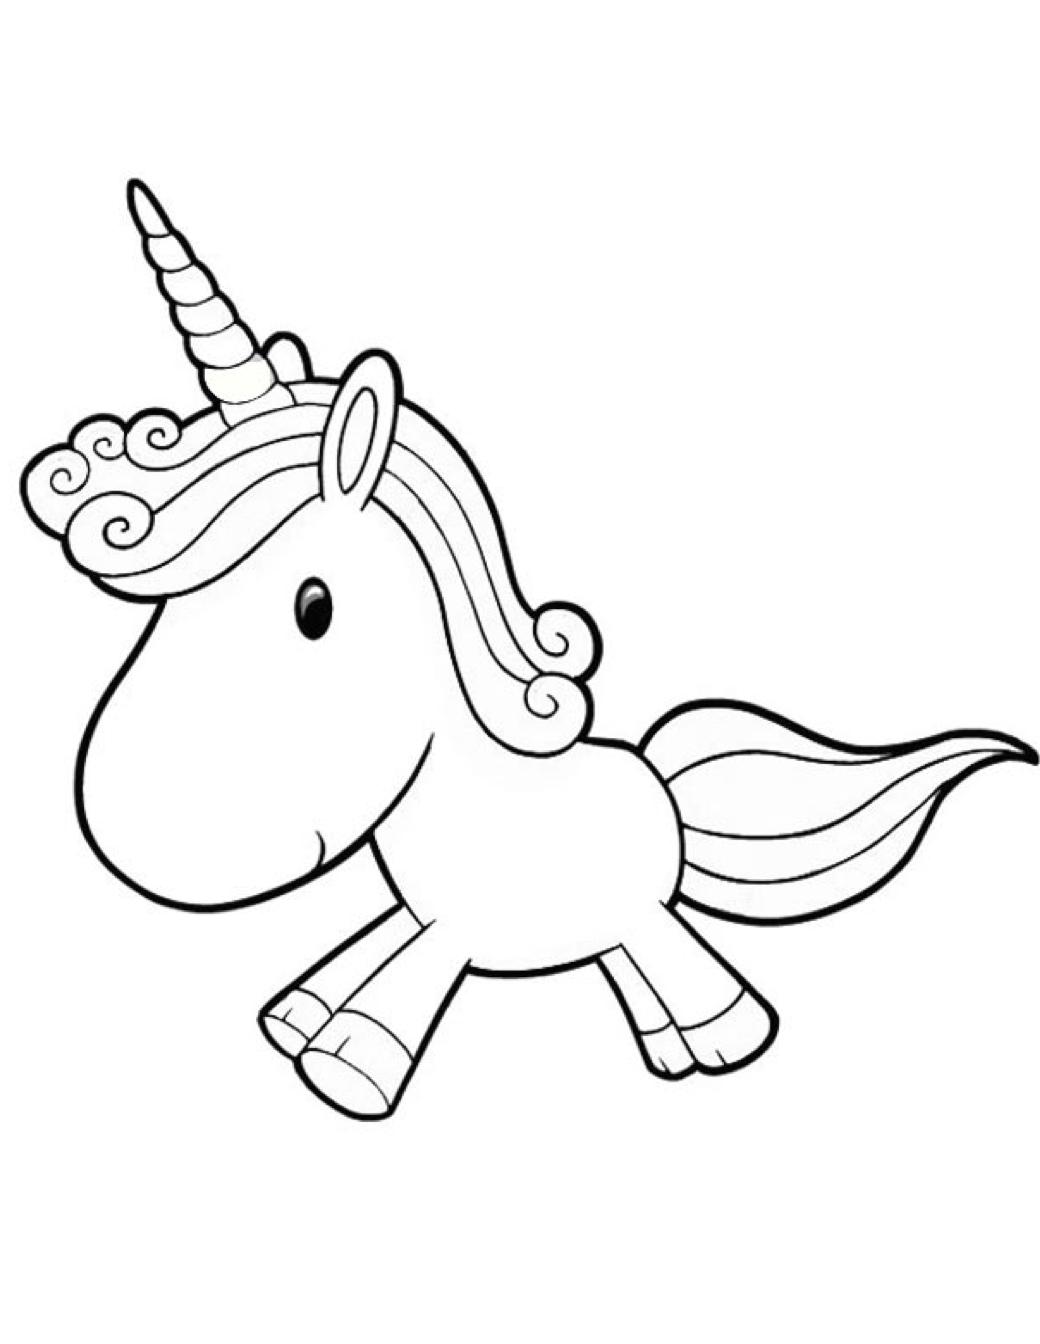 Printable Cartoon Unicorn Coloring Page Coloringpagebook